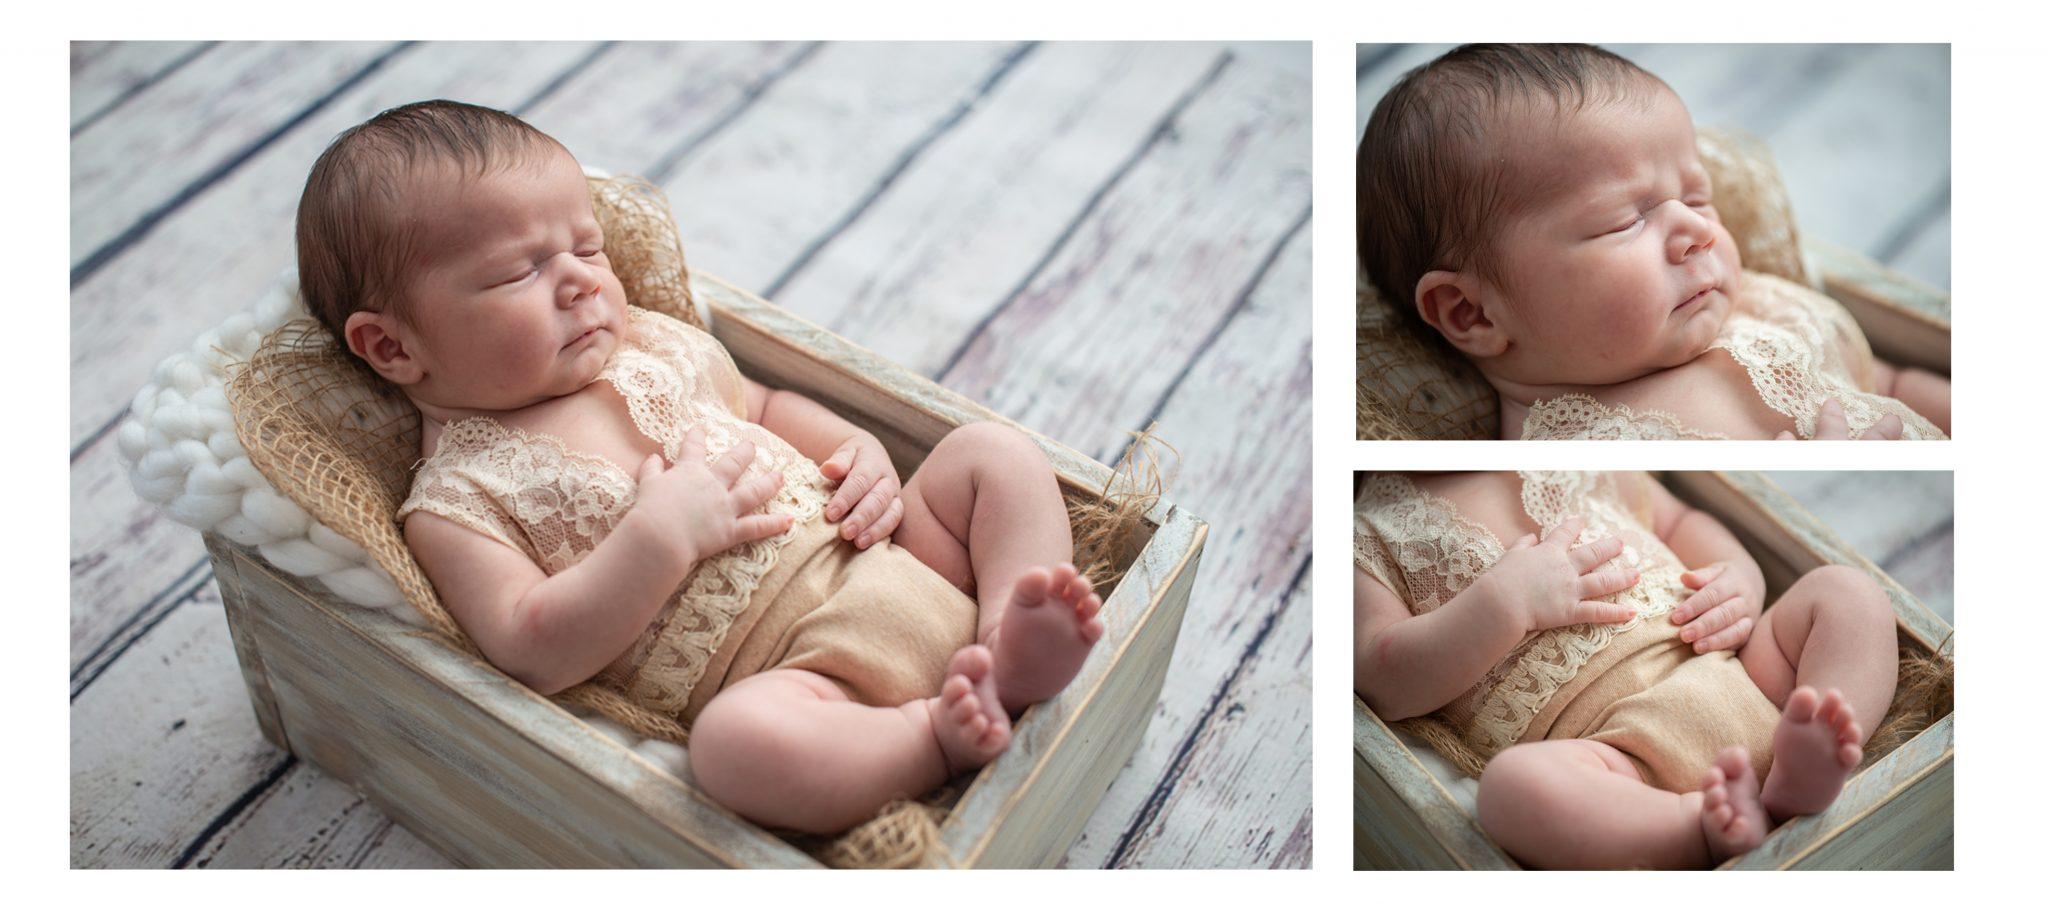 Garnaud Peggy photographe photo de naissance nouveau né en studio Lyon Grenoble Annecy Chambéry Genève